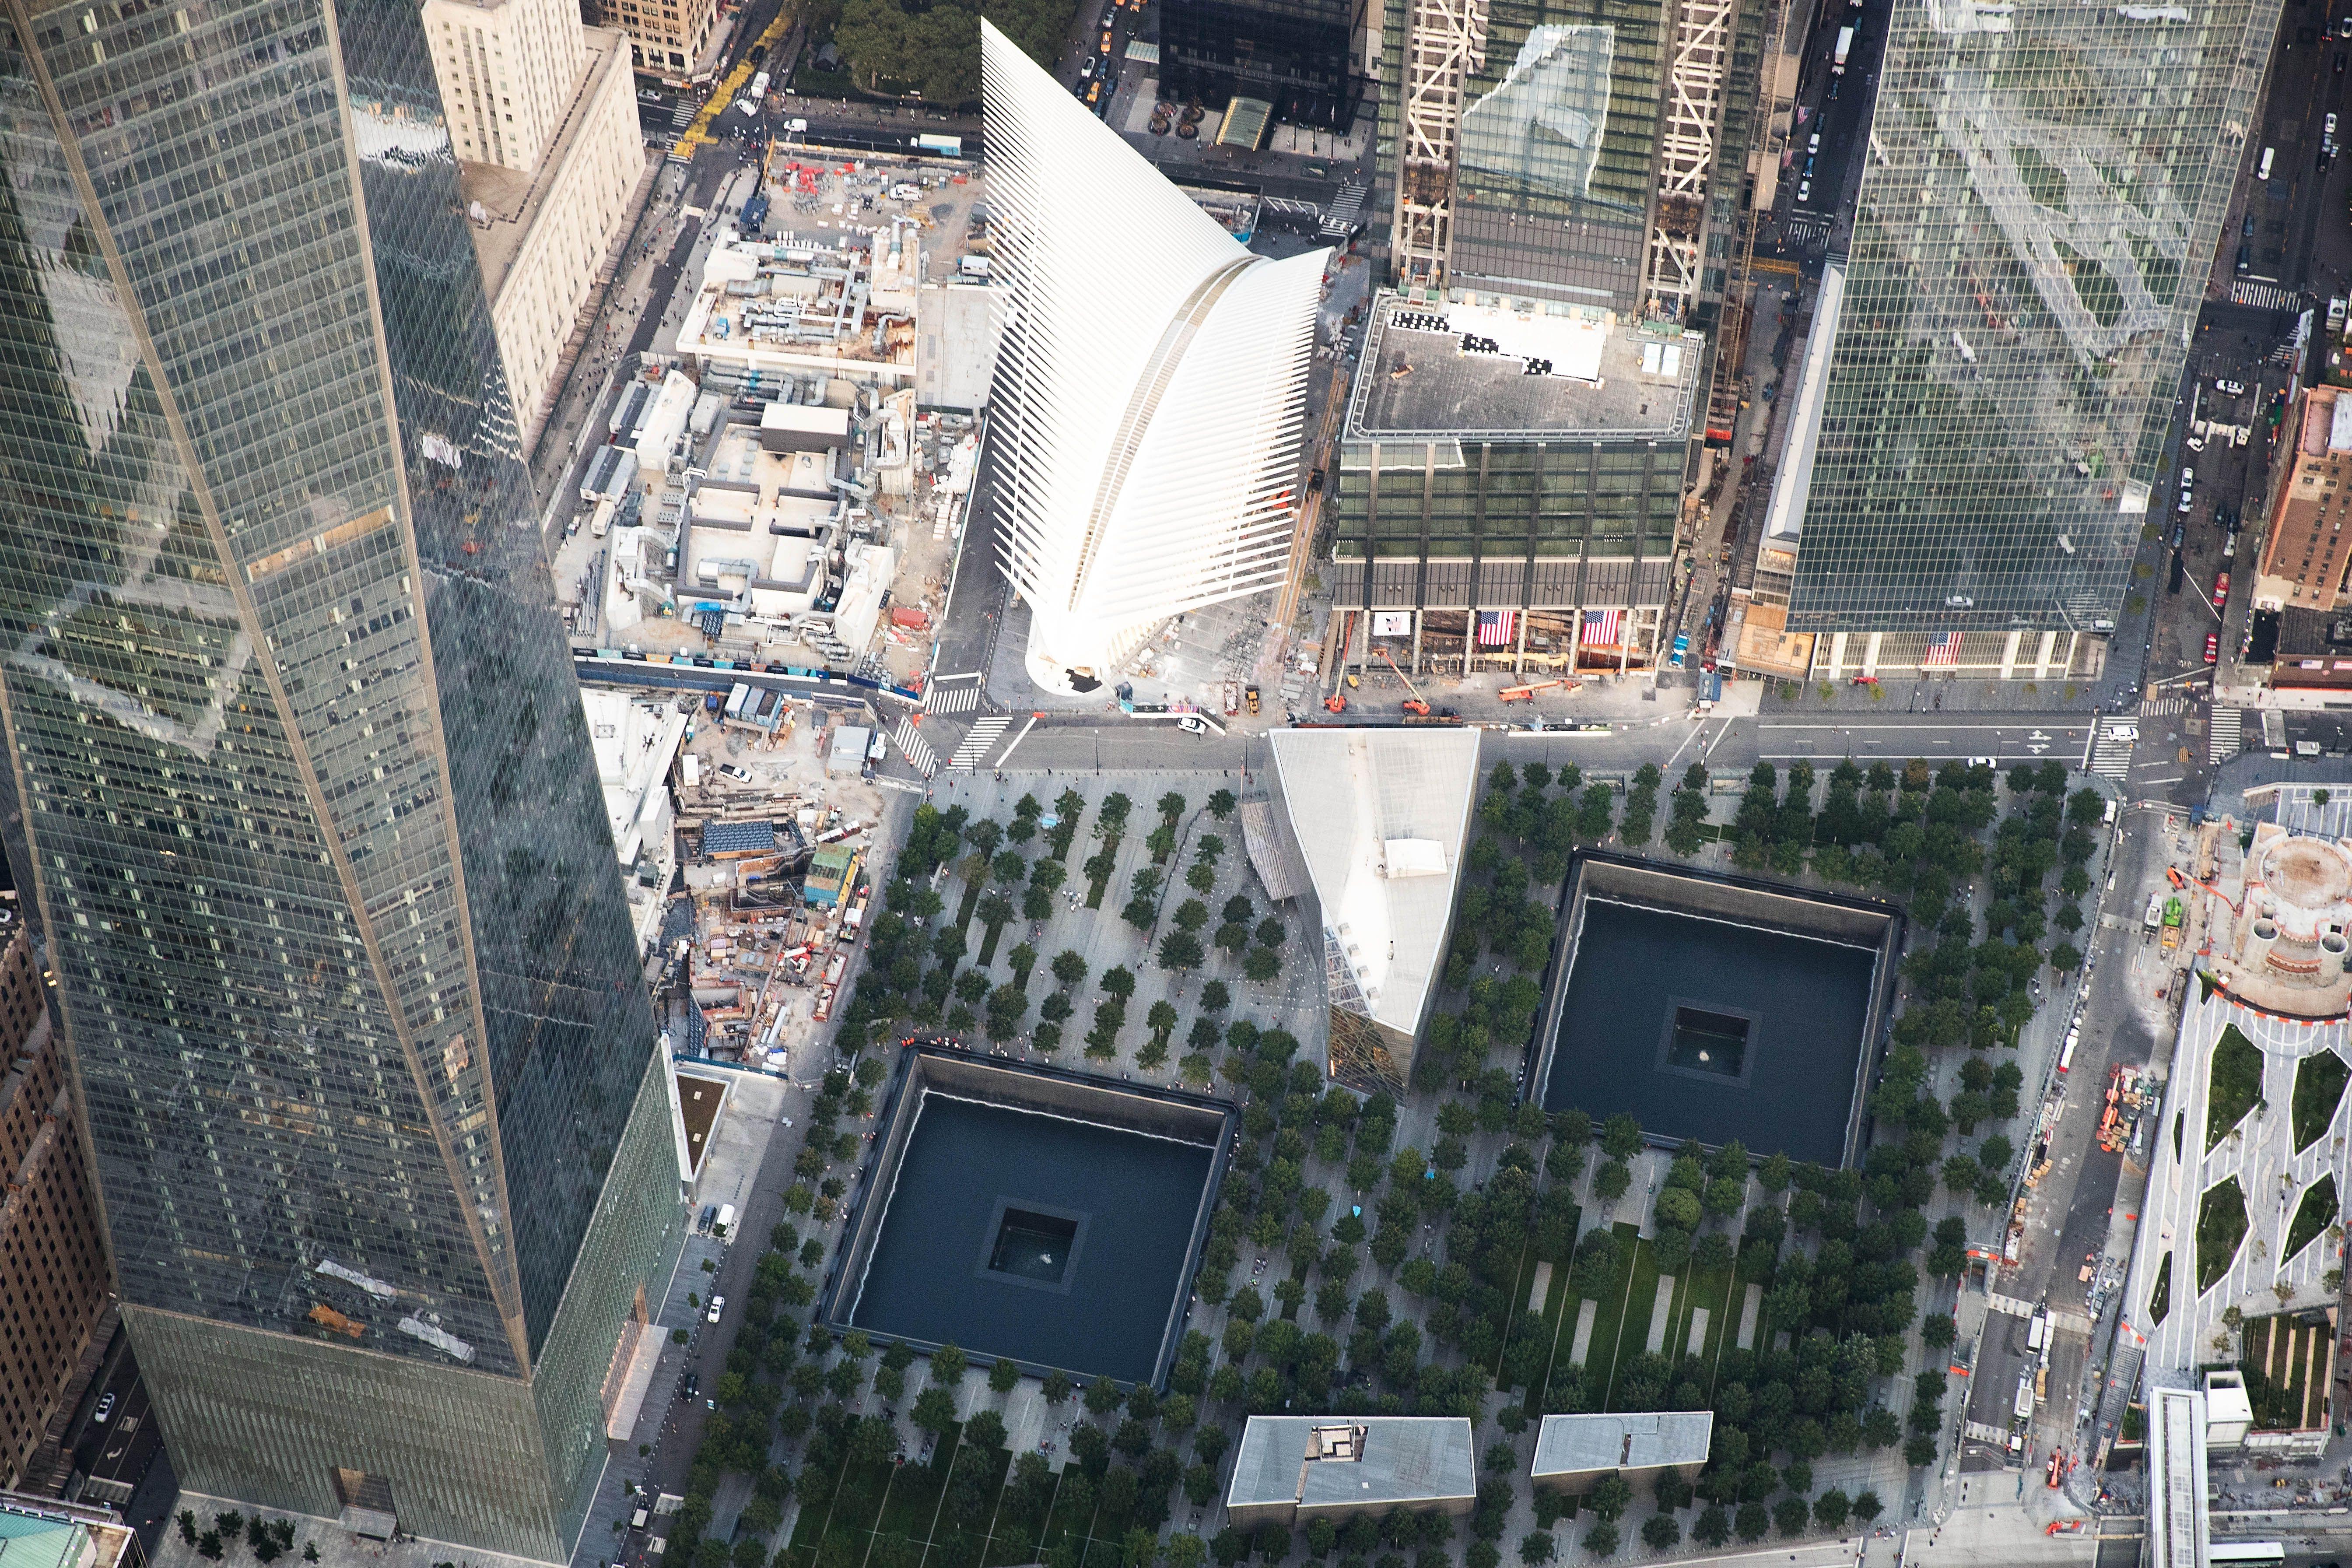 Une vue aérienne du site du World Trade Center montrant le fond des tours 1, 3 et 4, la plaque tournante du transport, TNE deux miroirs d'eau, et le pavillon de coin qui mène au musée souterrain